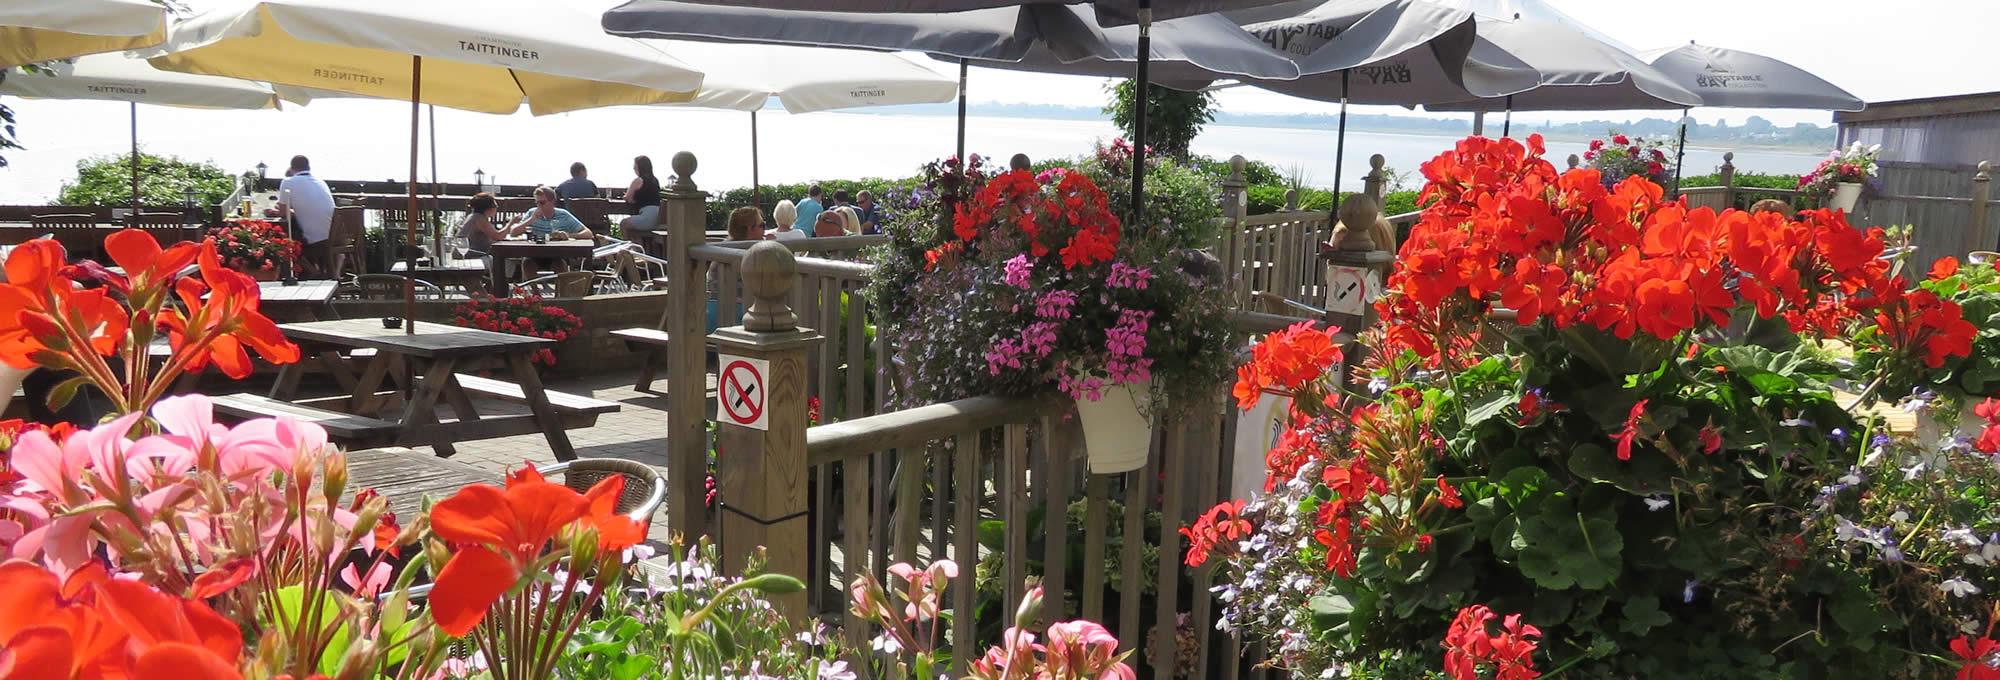 Beer Garden - Visit Ramsgate